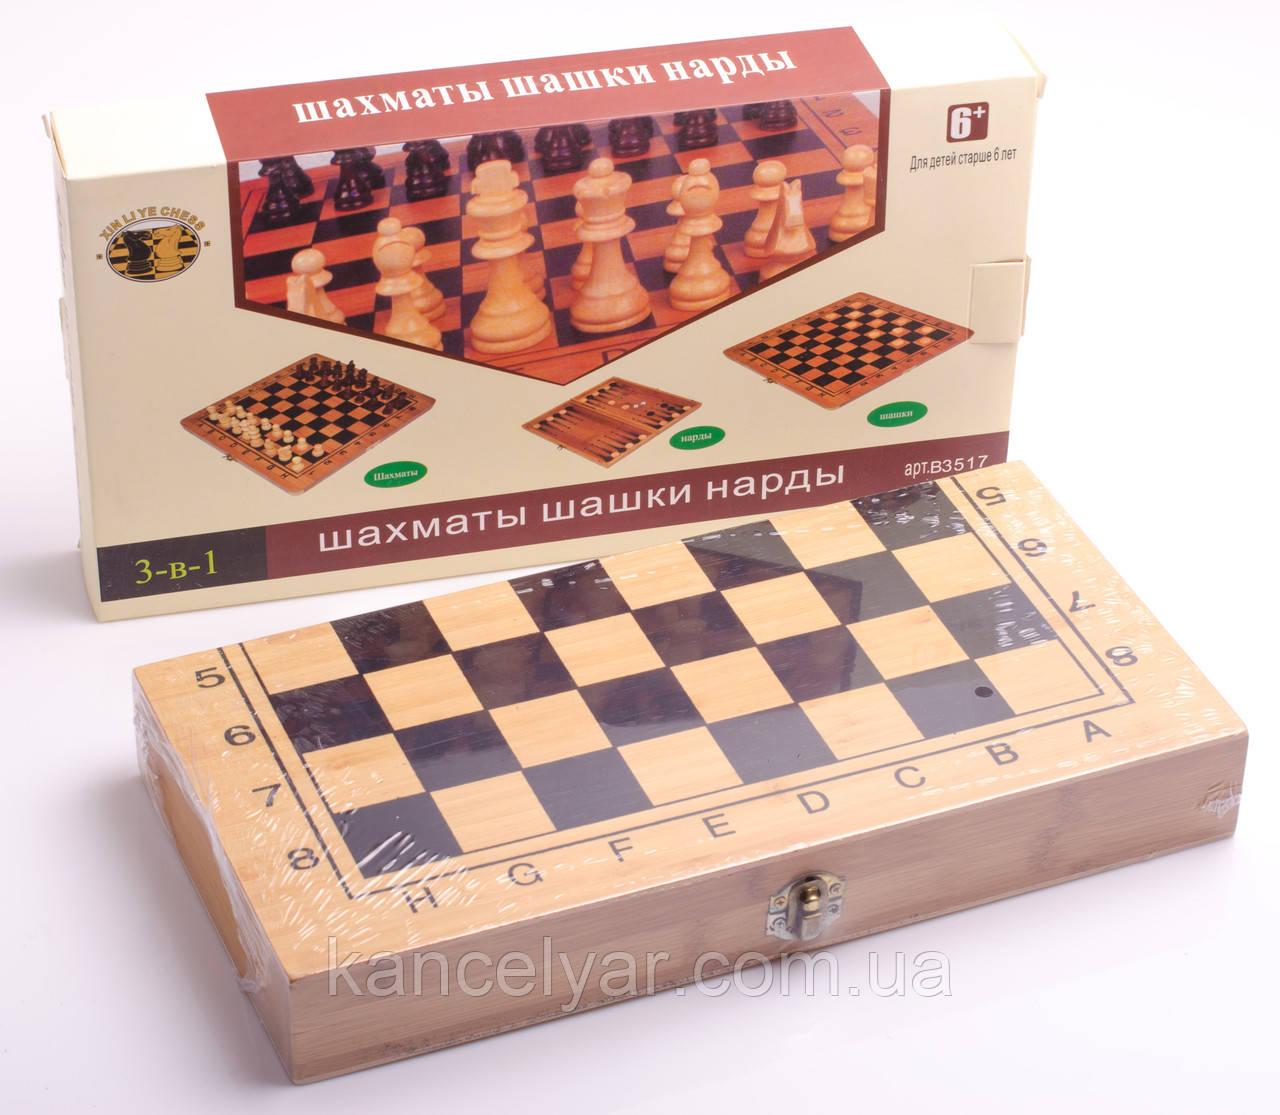 Набор настольных игр 3 в 1: шахматы, шашки, нарды, бамбуковый, не боится влаги